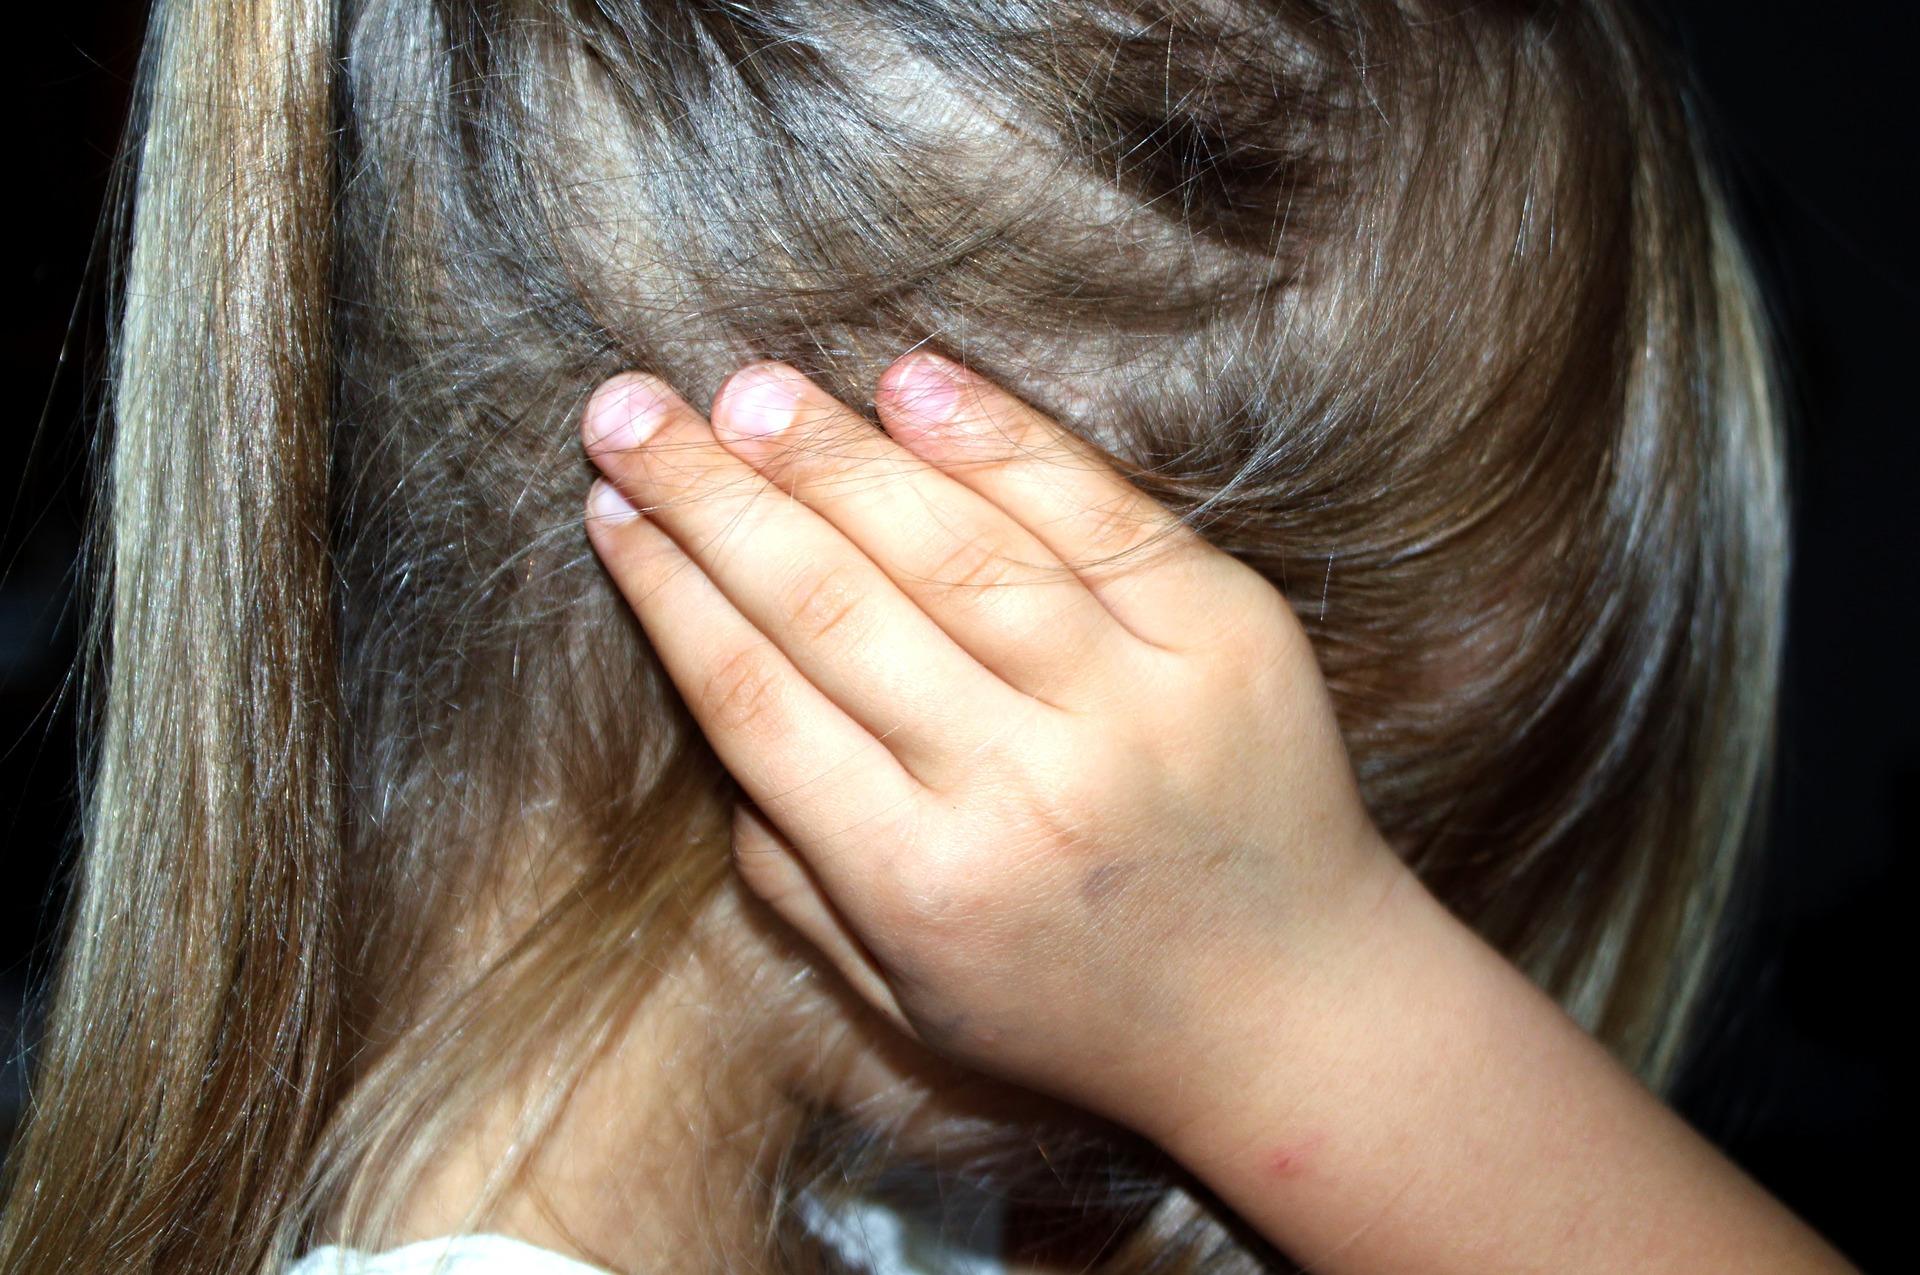 Podkarpacie: Ojciec gwałcił córkę. Koszmar trwał 23 lata! - Zdjęcie główne